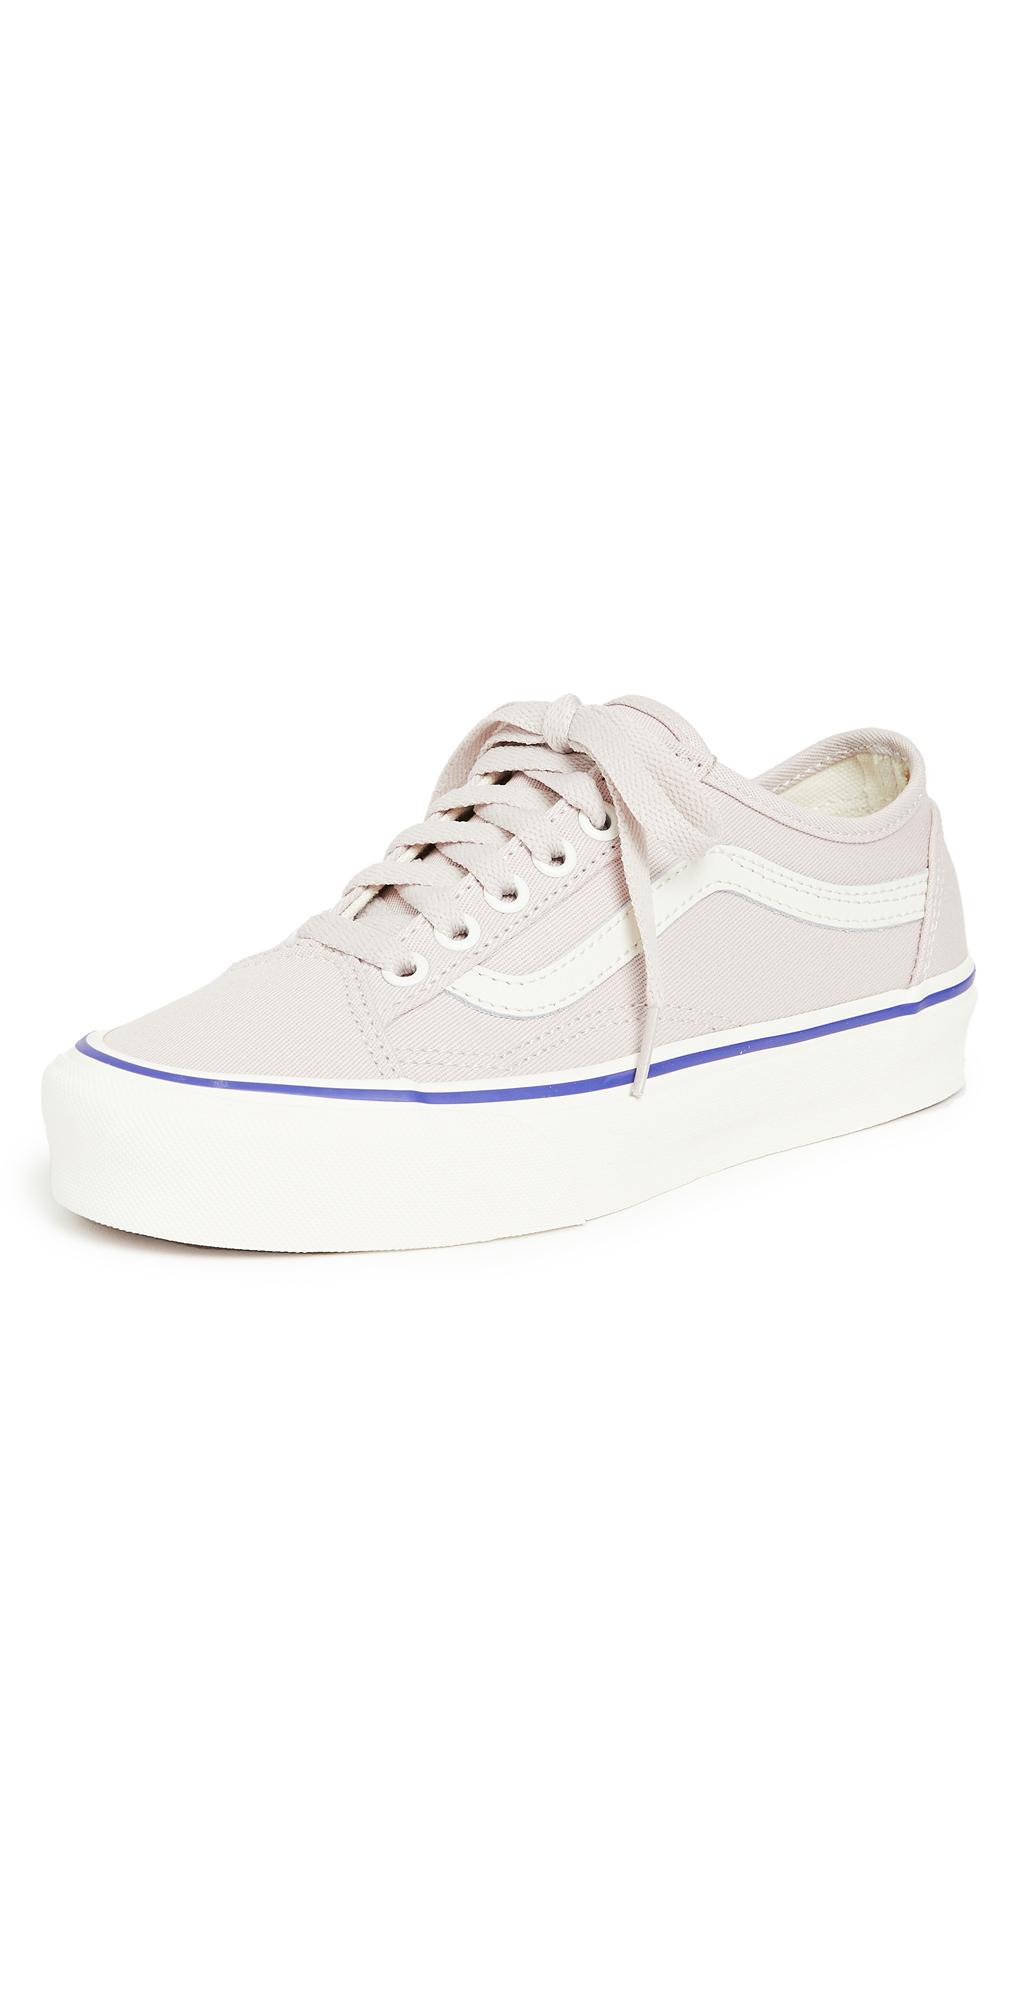 Vans Retro Cali Old Skool Tapered Sneakers